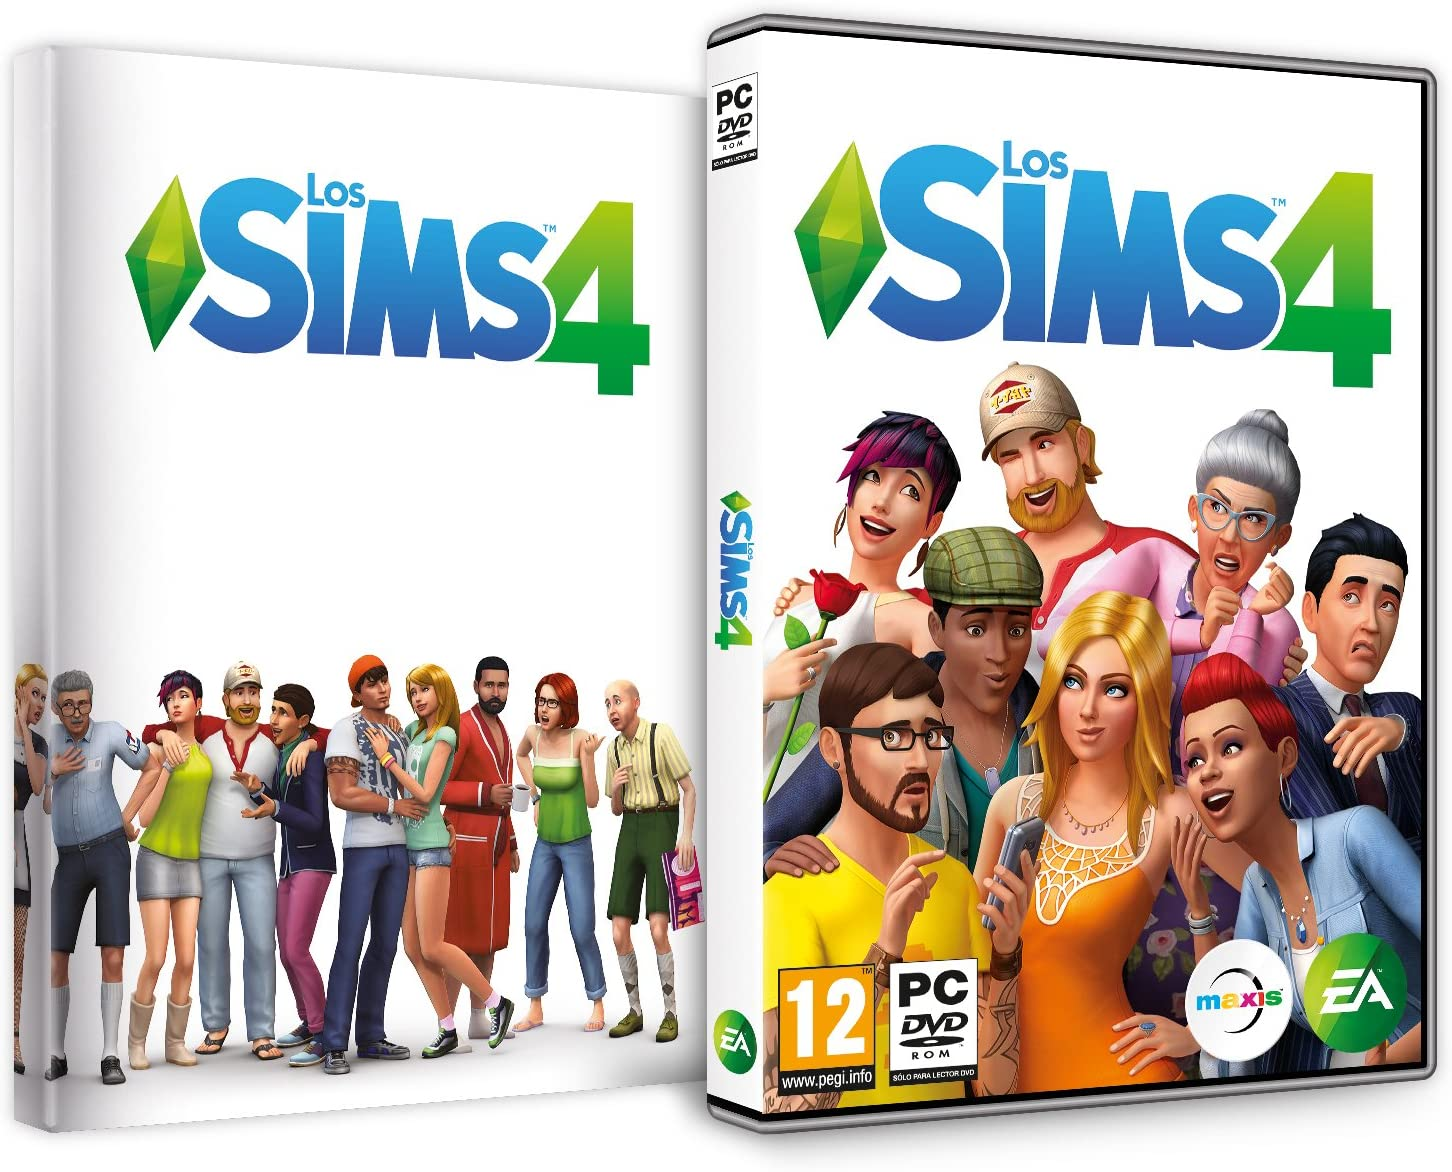 Los Sims 4 - Edición Estándar + Agenda: Amazon.es: Videojuegos